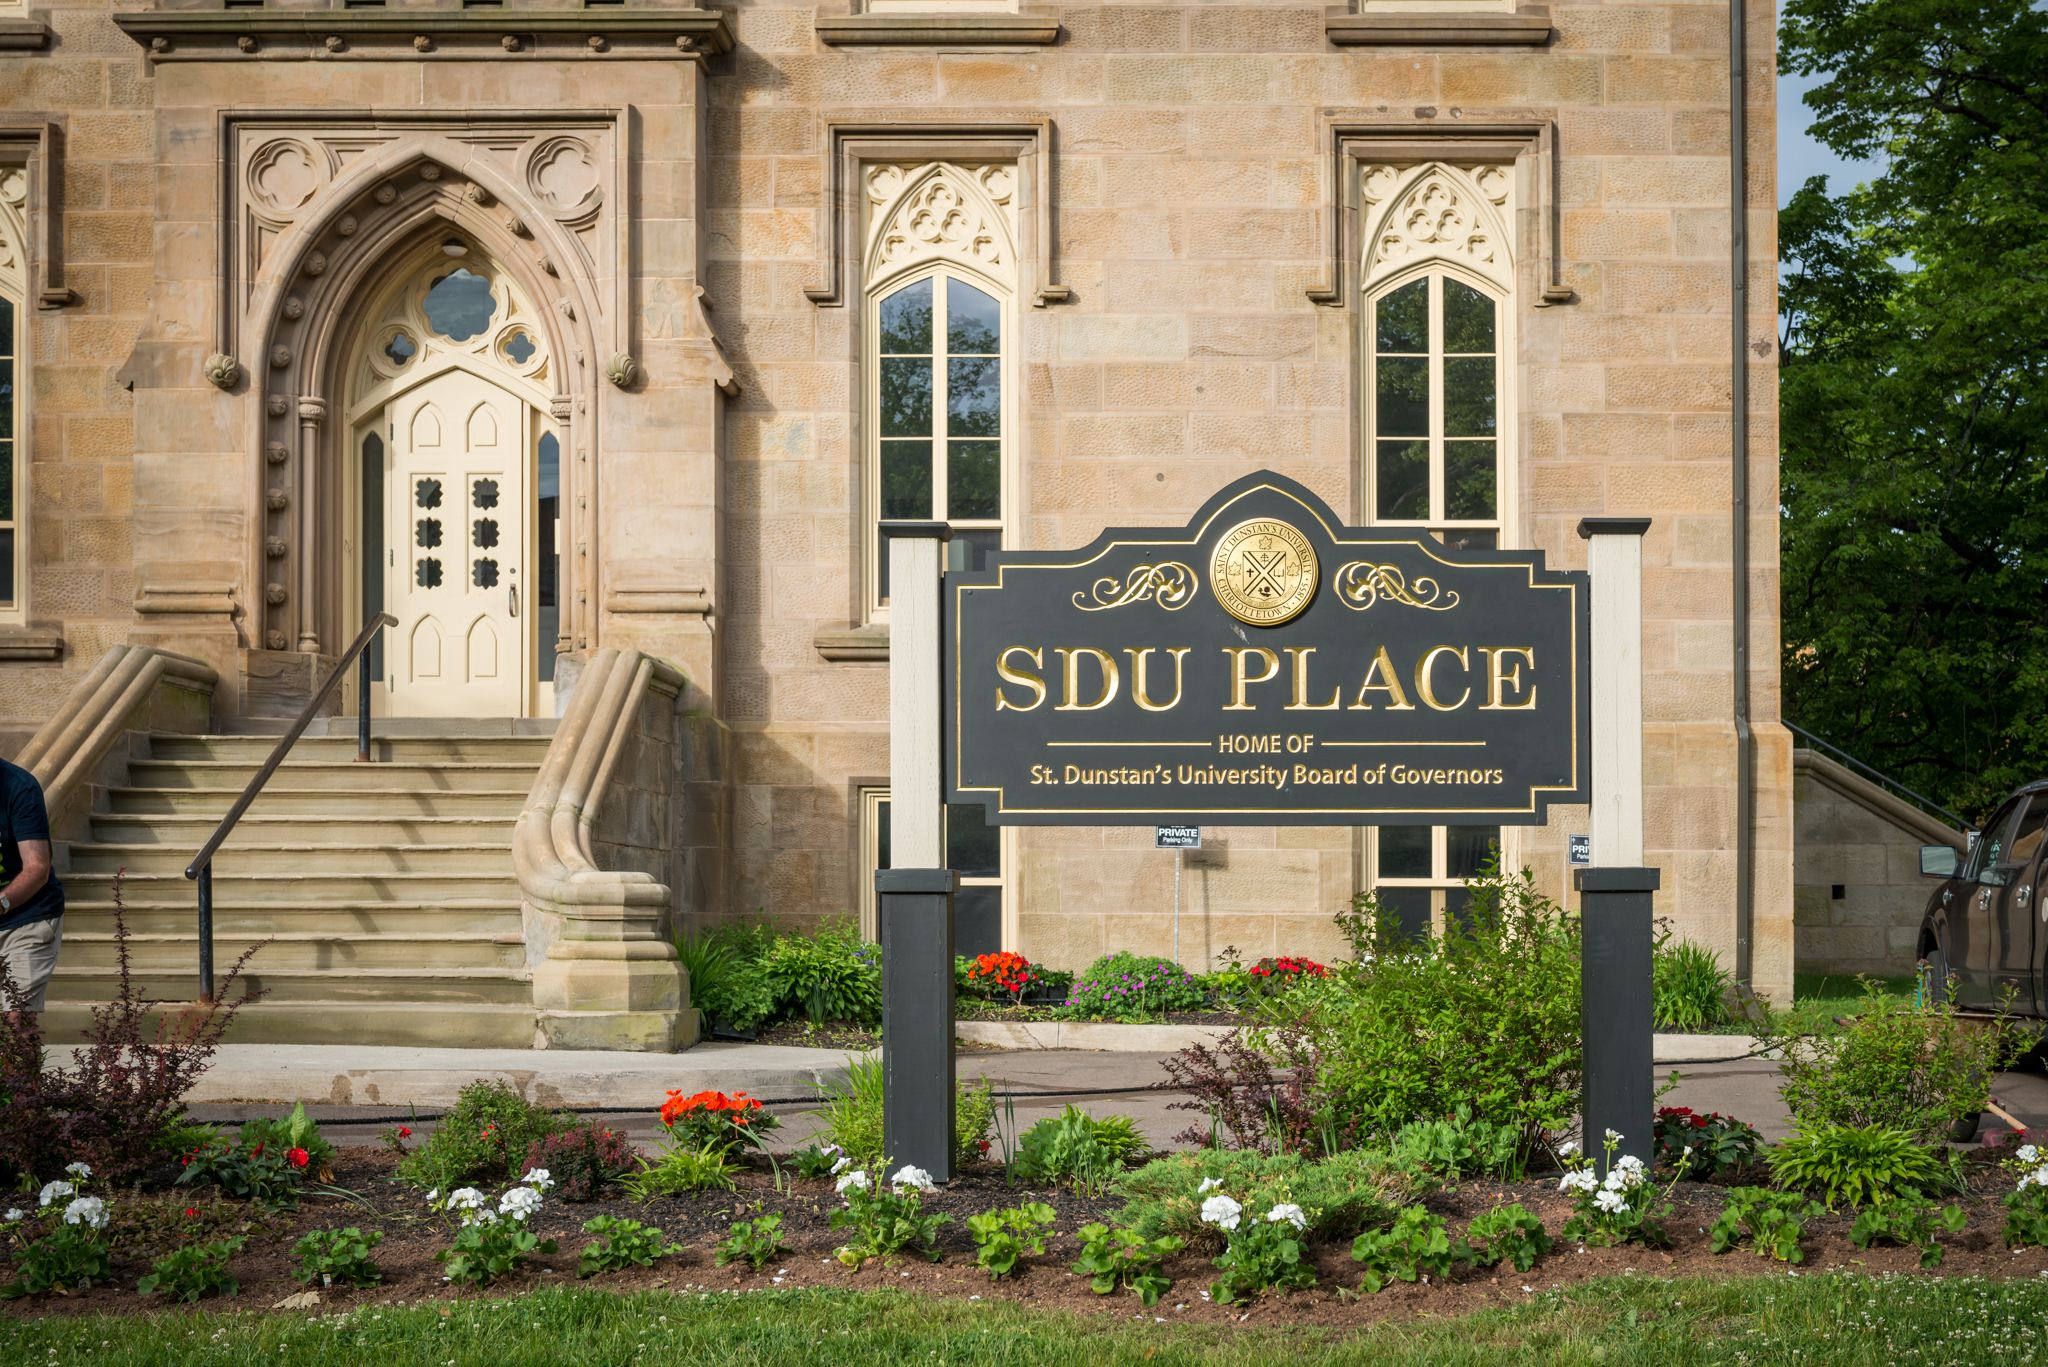 SDU Place